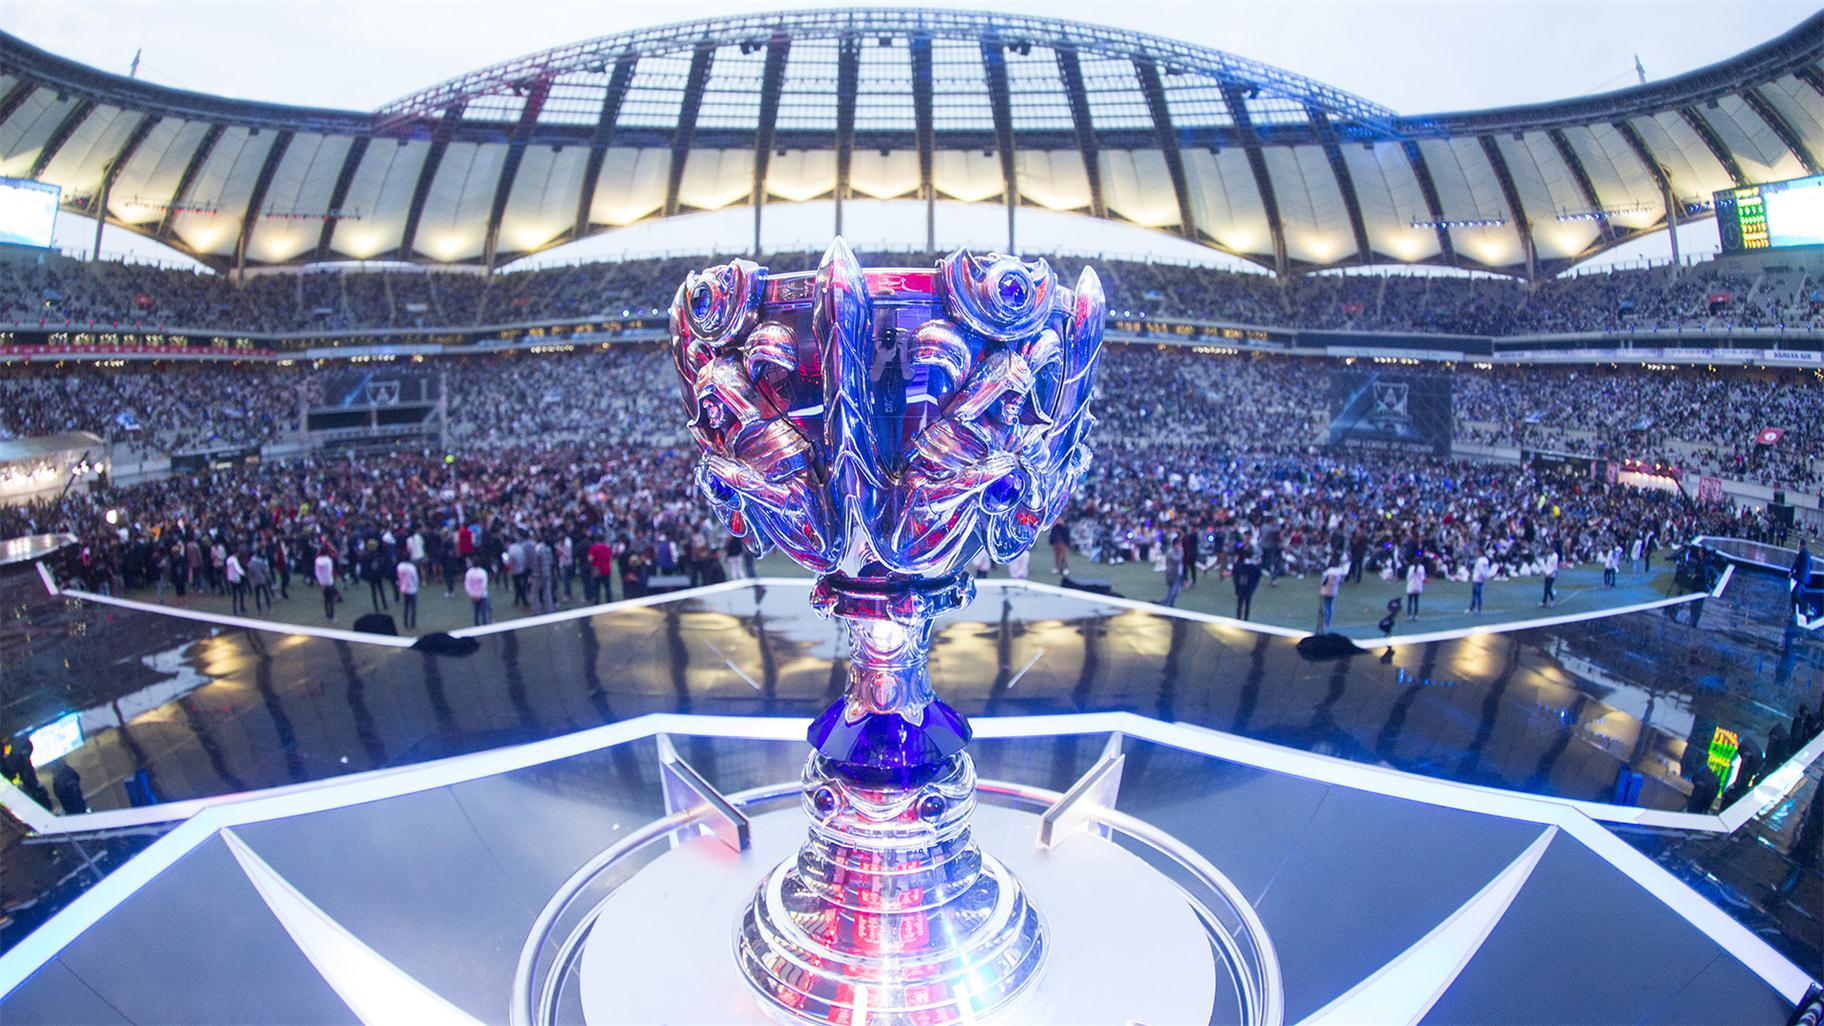 2015賽季總決賽舉辦地確定 於歐洲舉辦